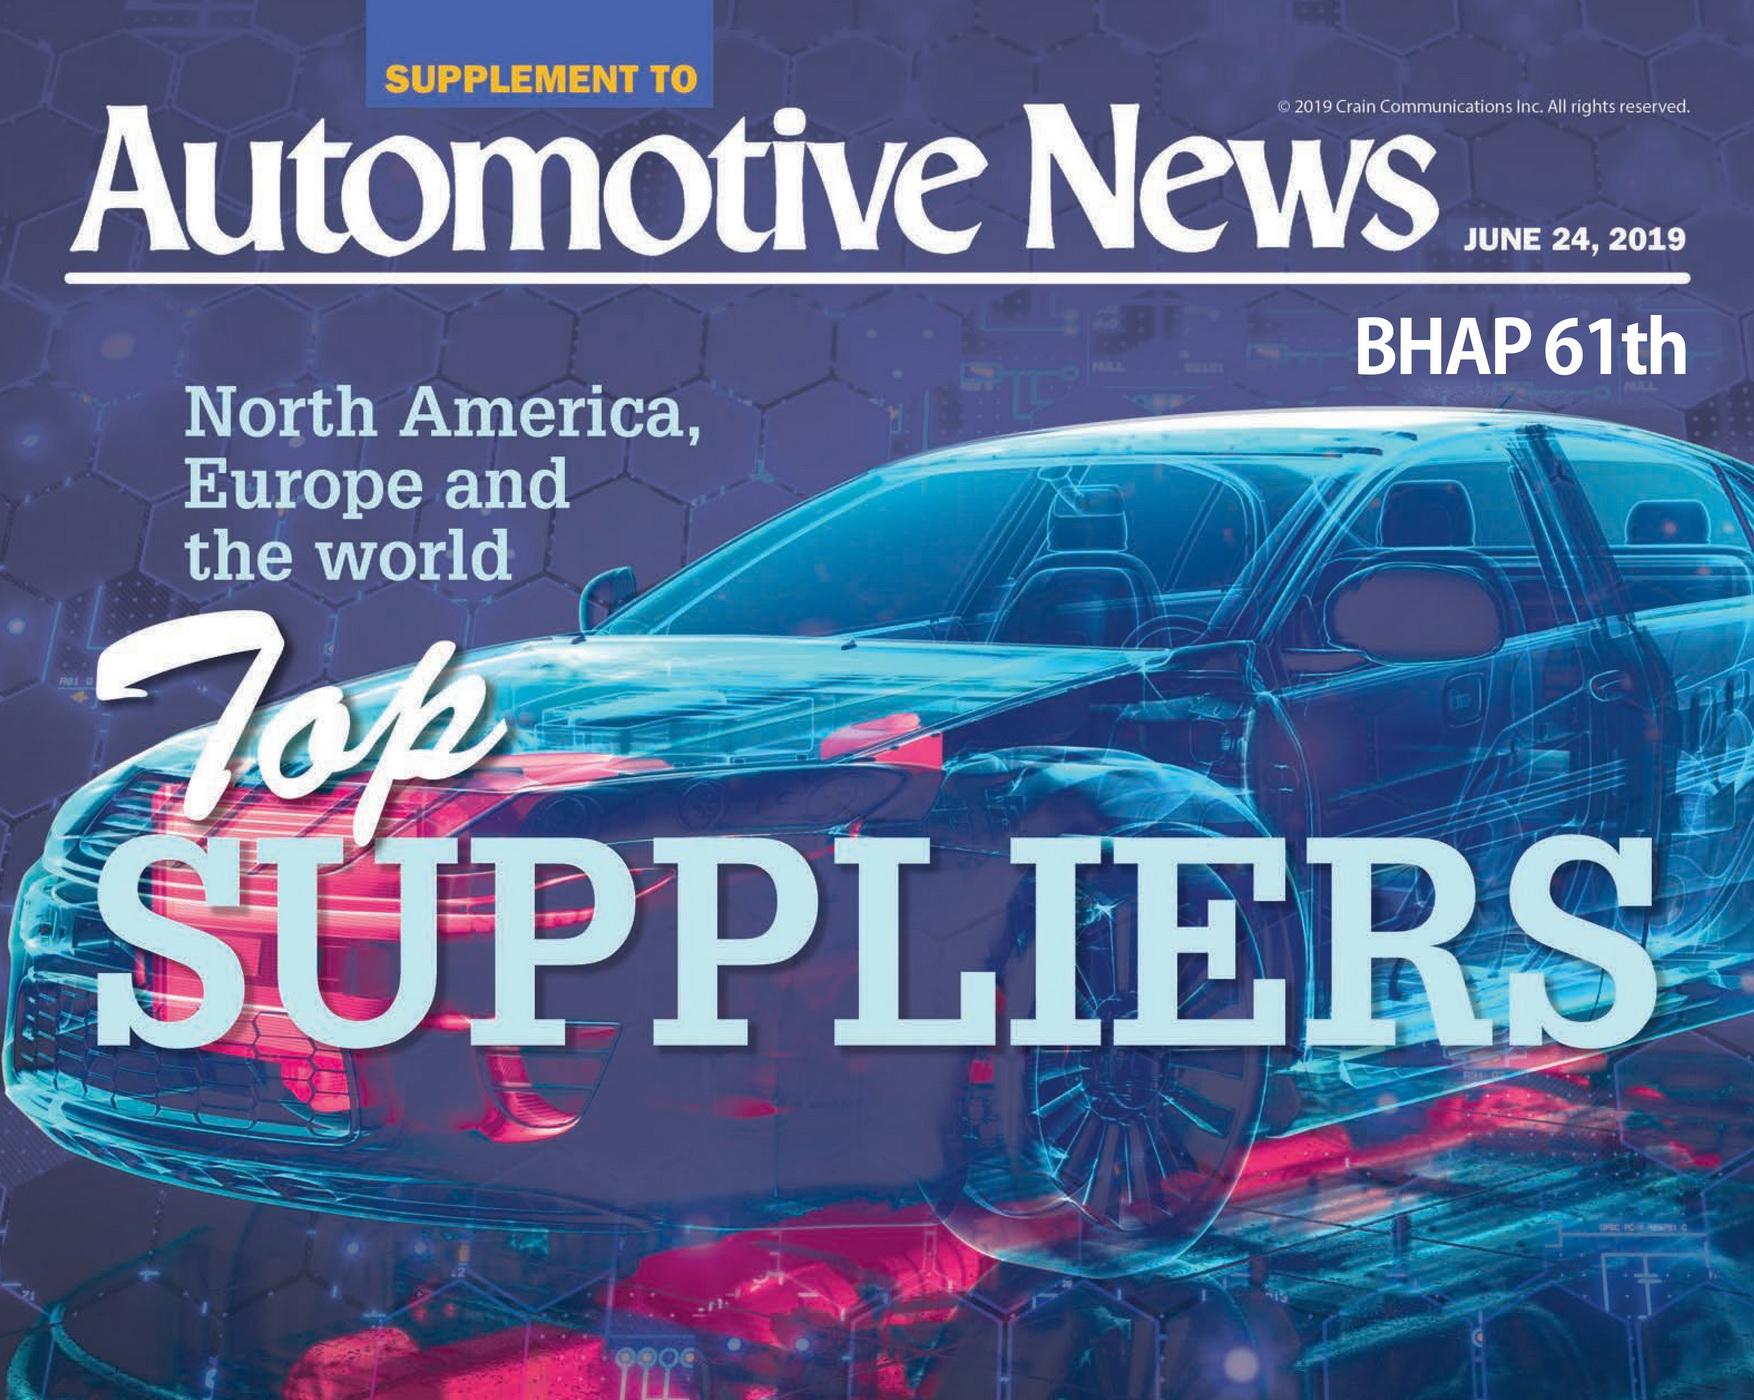 海纳川位上榜,列2019全球汽车零部件供应商百强榜第61位